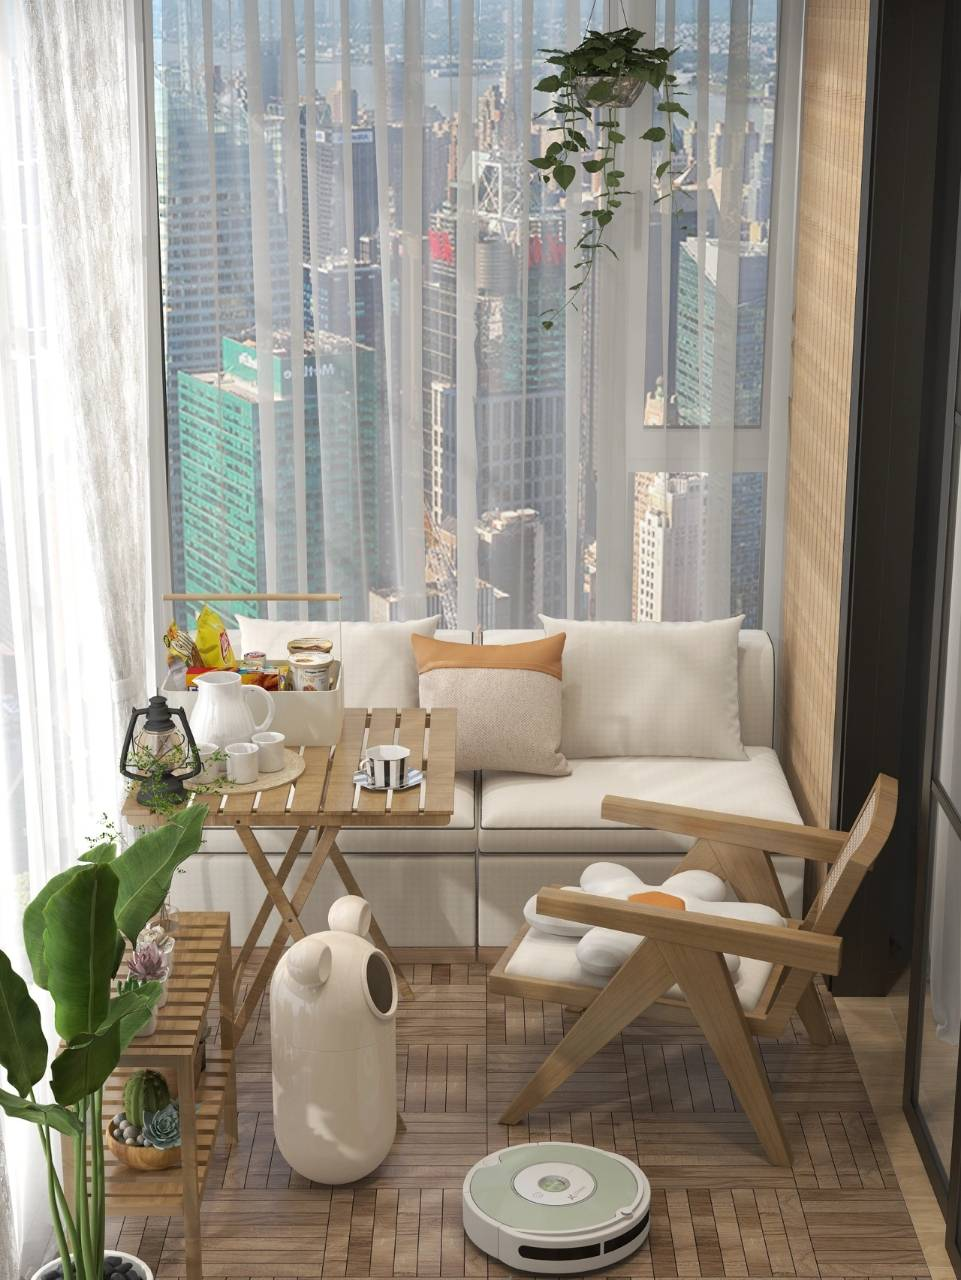 一个人最舒服的时候可能就是这样吧,坐在高楼阳台上,眺望远景